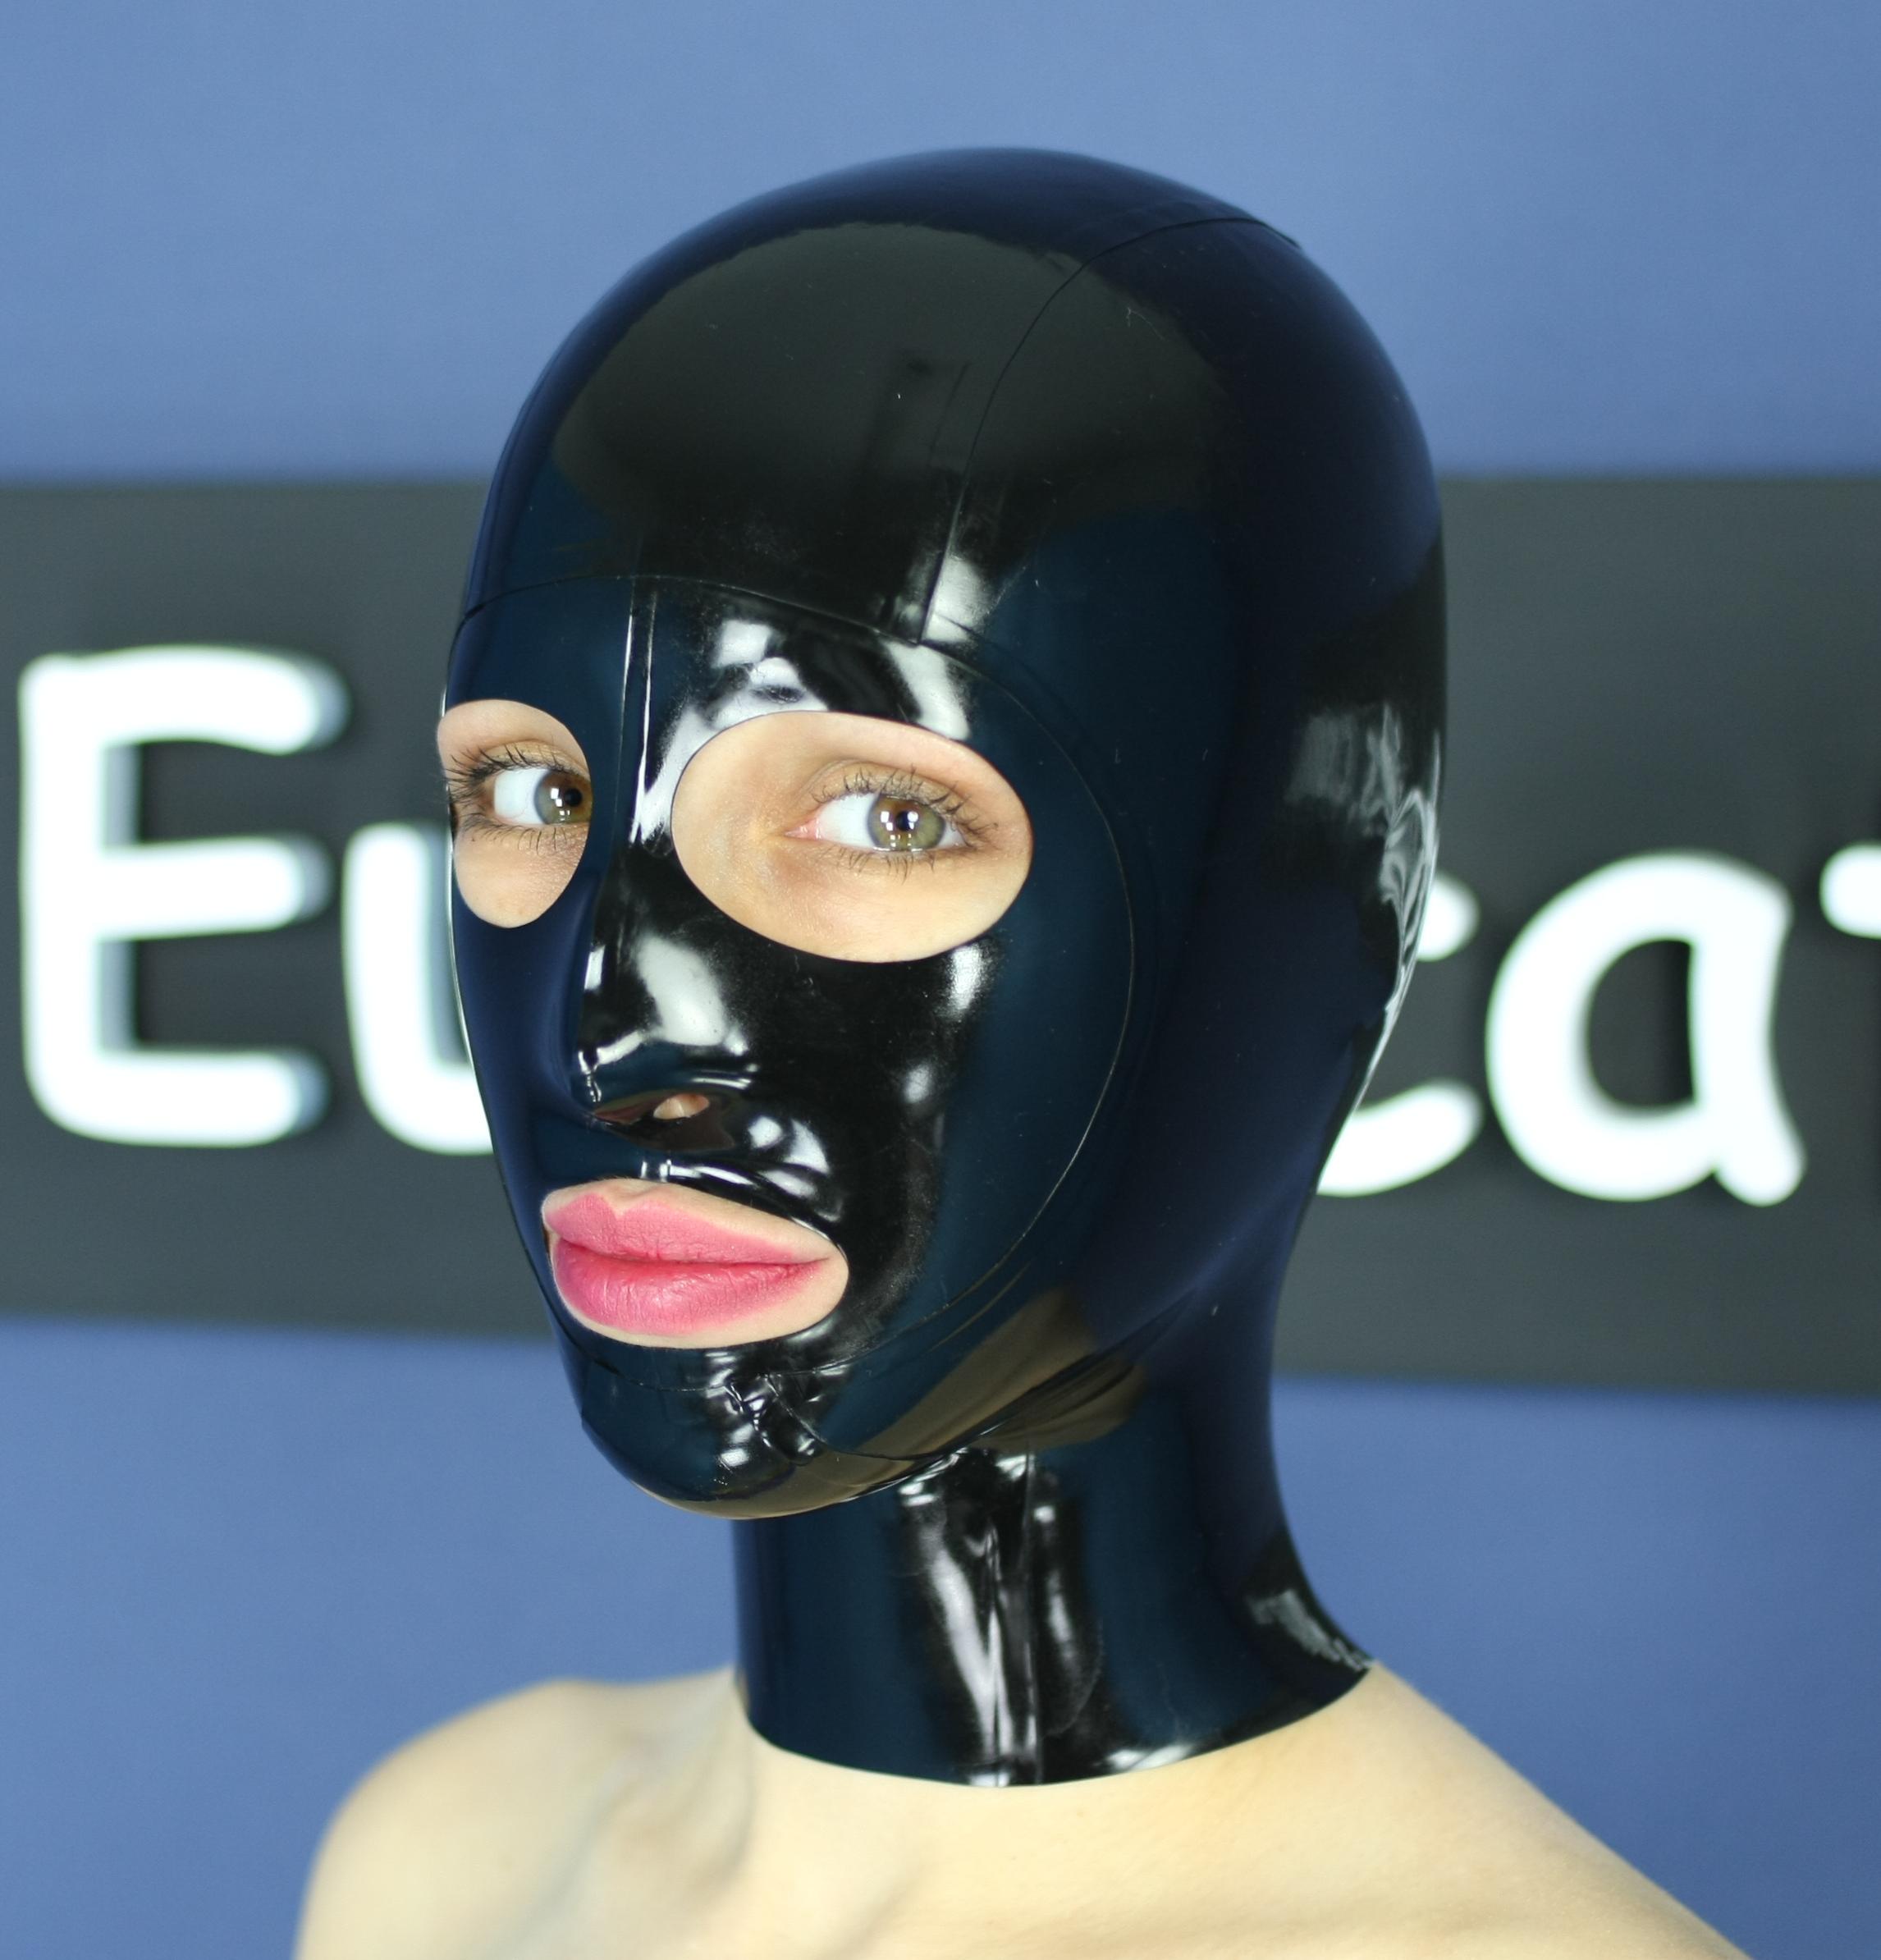 A latex mask